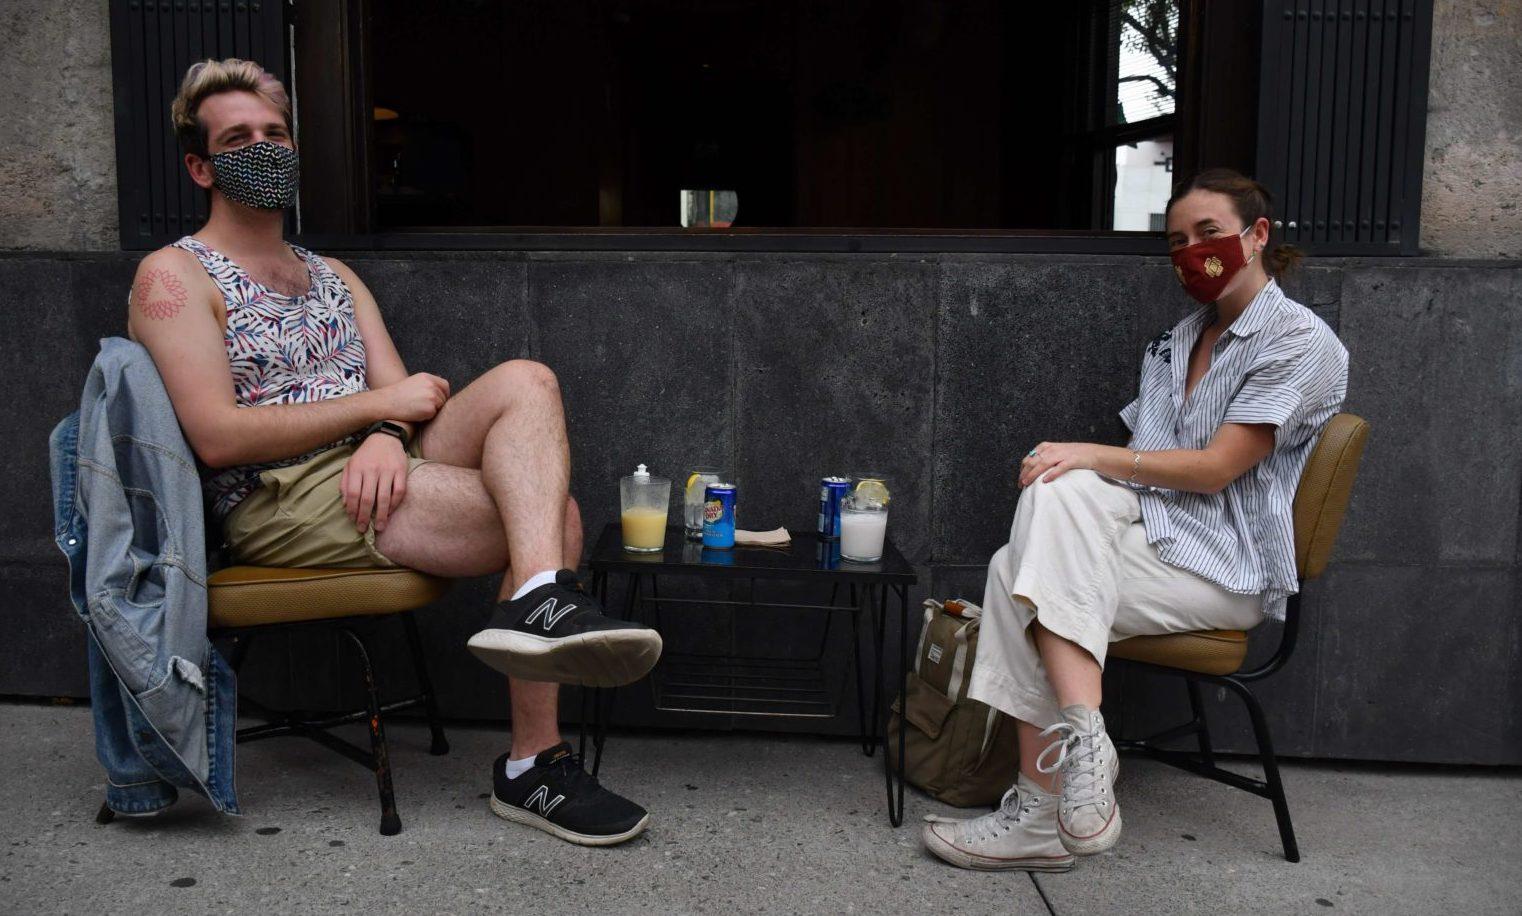 21 bares reinventados como cafés y restaurantes (¡con tragos!)